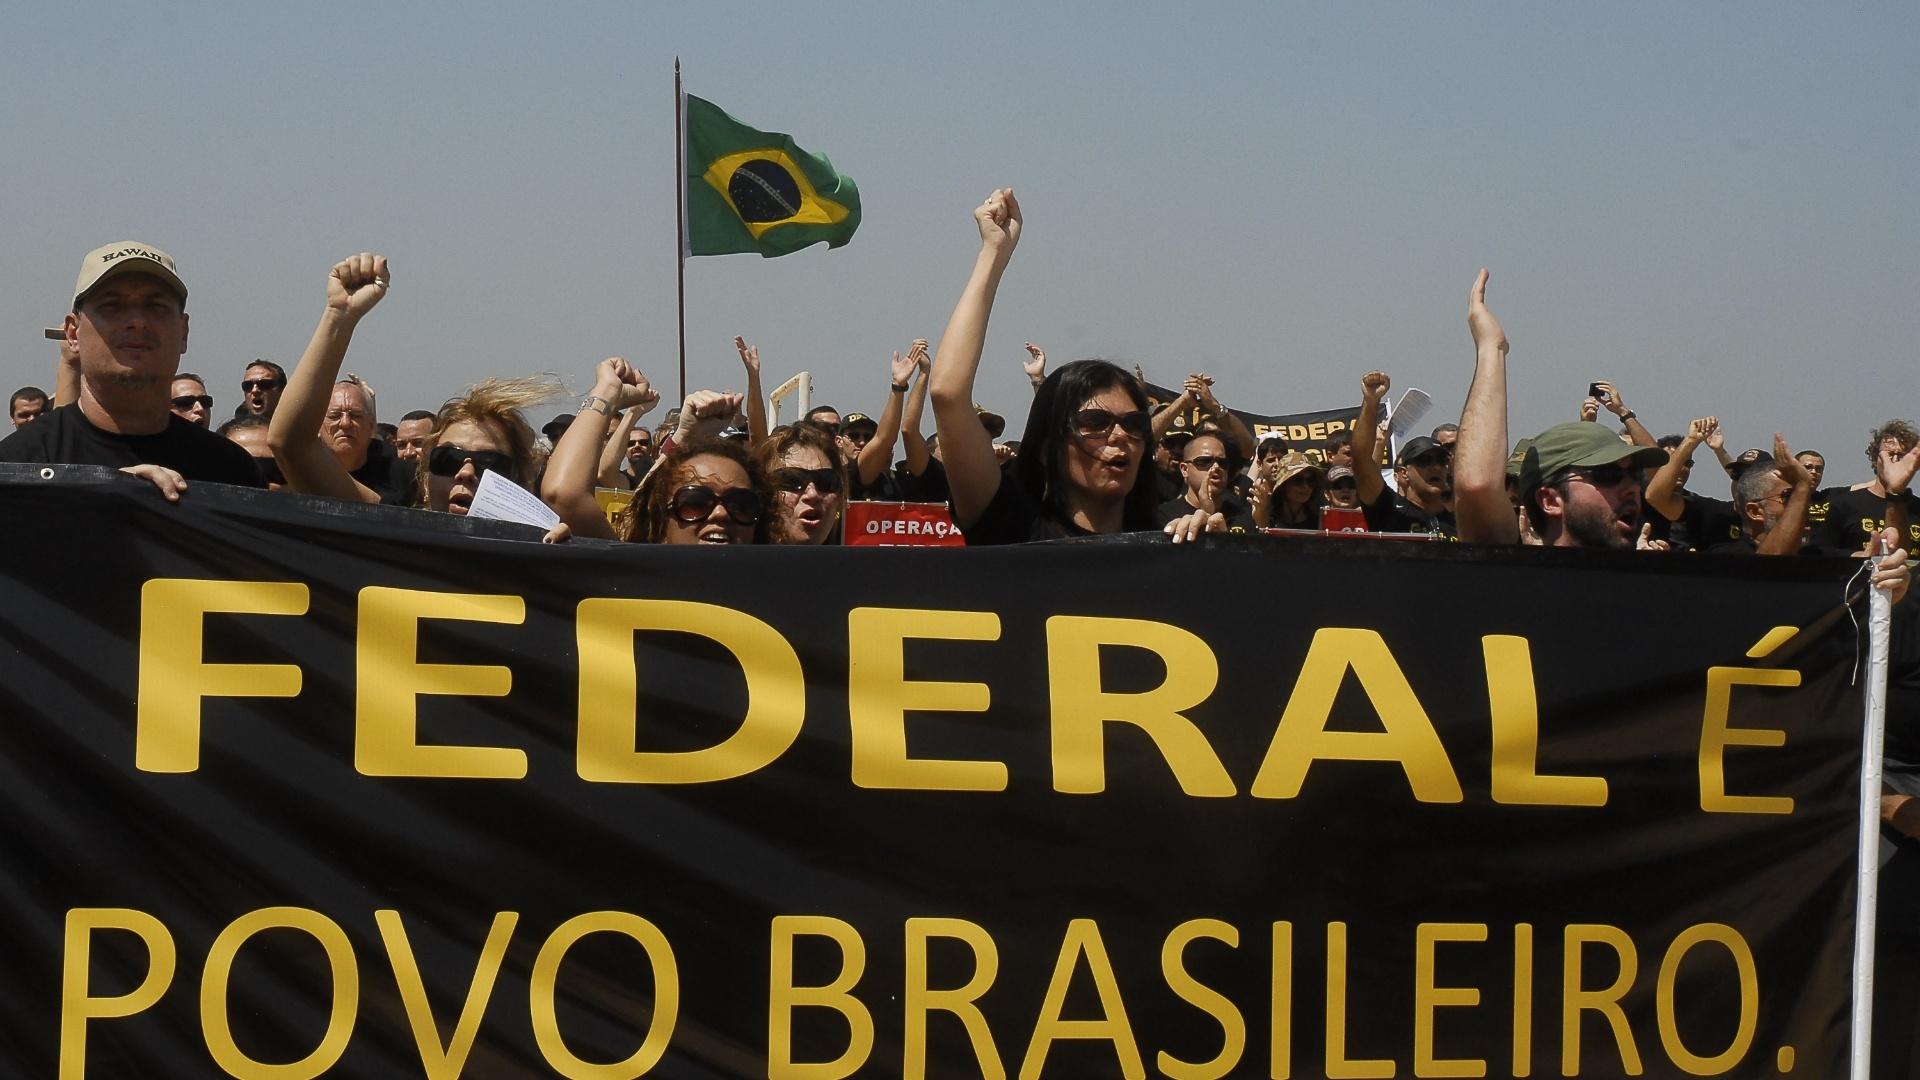 http://imguol.com/2012/09/19/19set2012---policiais-federais-em-greve-fazem-manifestacao-nesta-quarta-feira-na-praia-de-copacabana-onde-fixaram-na-areia-30-placas-com-os-nomes-das-principais-operacoes-da-pf-no-pais-1348078607421_1920x1080.jpg